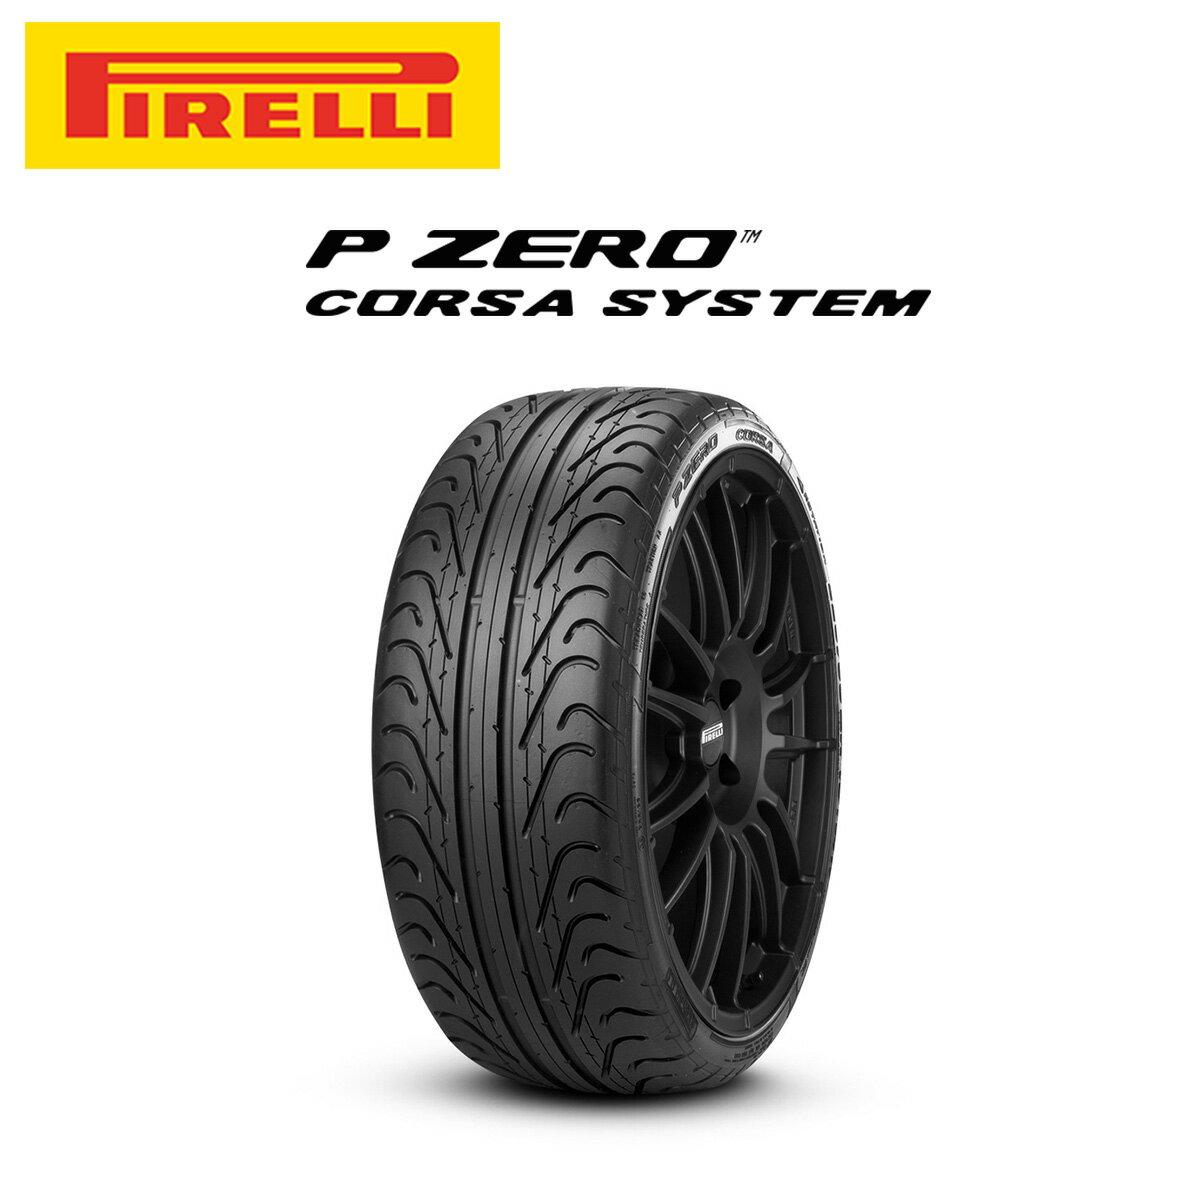 ピレリ PIRELLI P ZERO CORSA System Direzionale Pゼロコルサシステム ディレツィオナーレ 19インチ サマー タイヤ 4本 セット 255/35ZR19 96Y XL EXTRA LOAD規格 1789300